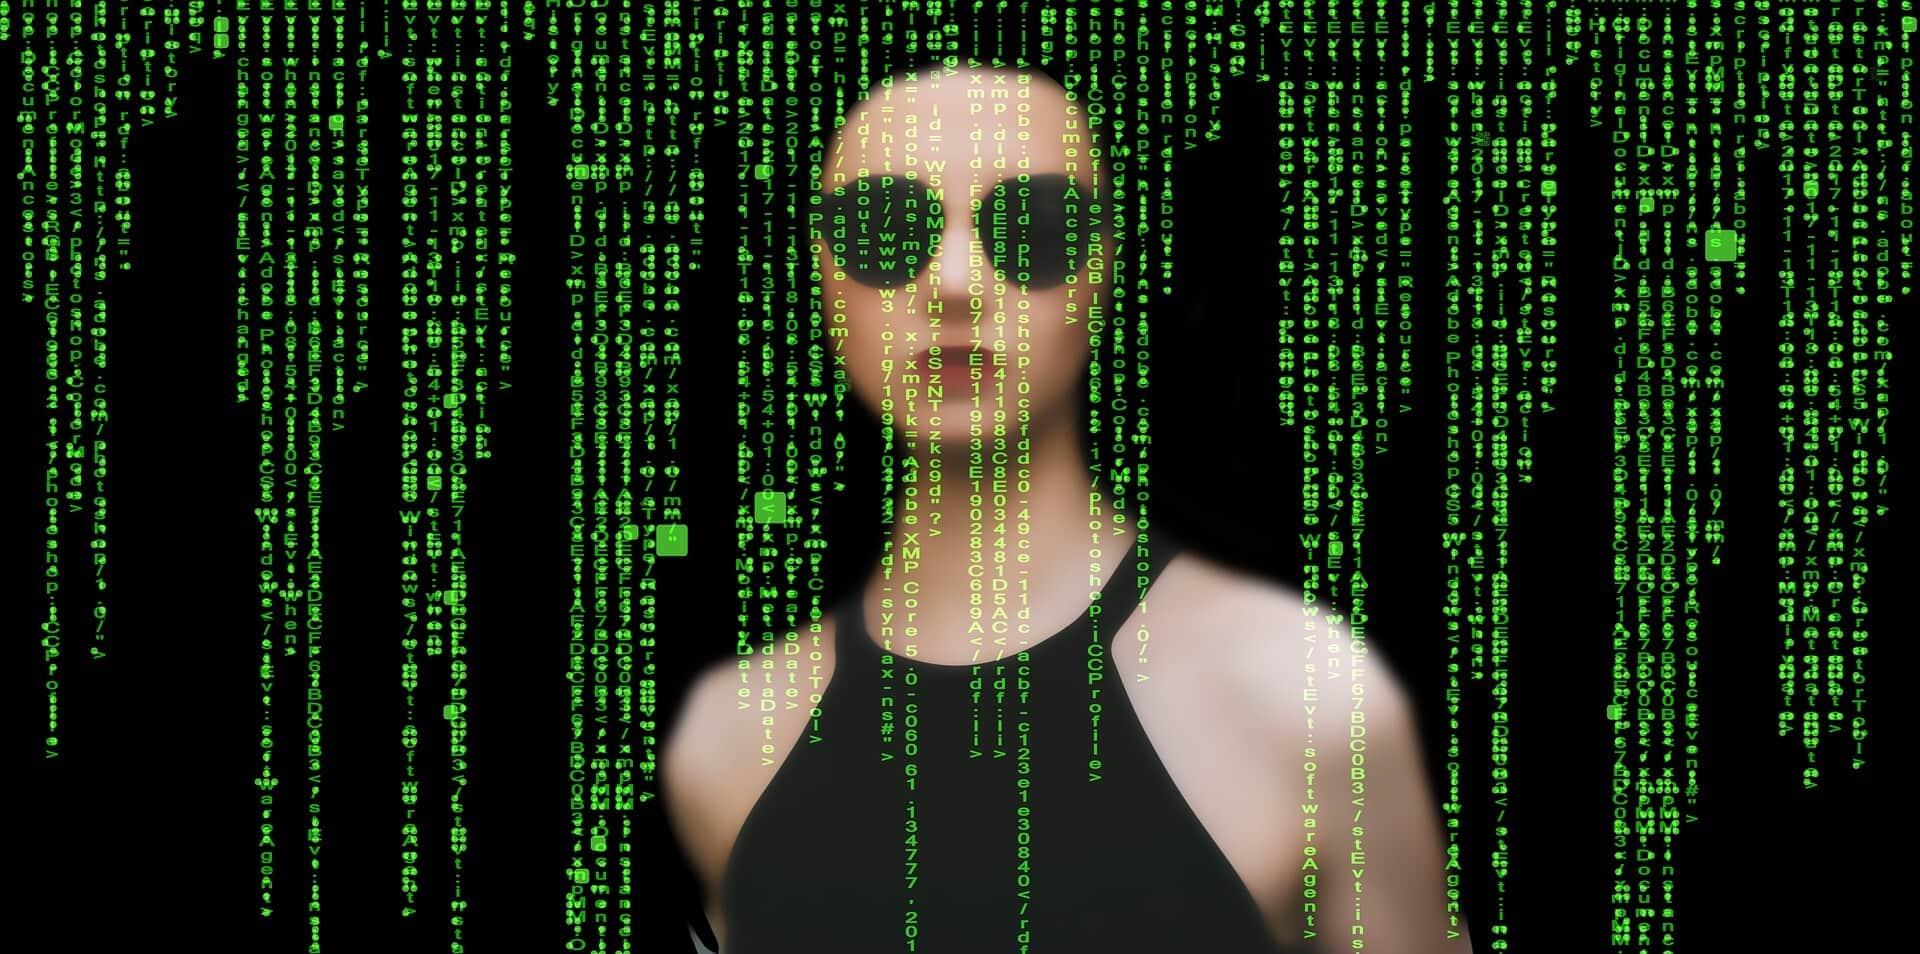 waarom is internetprivacy belangrijk